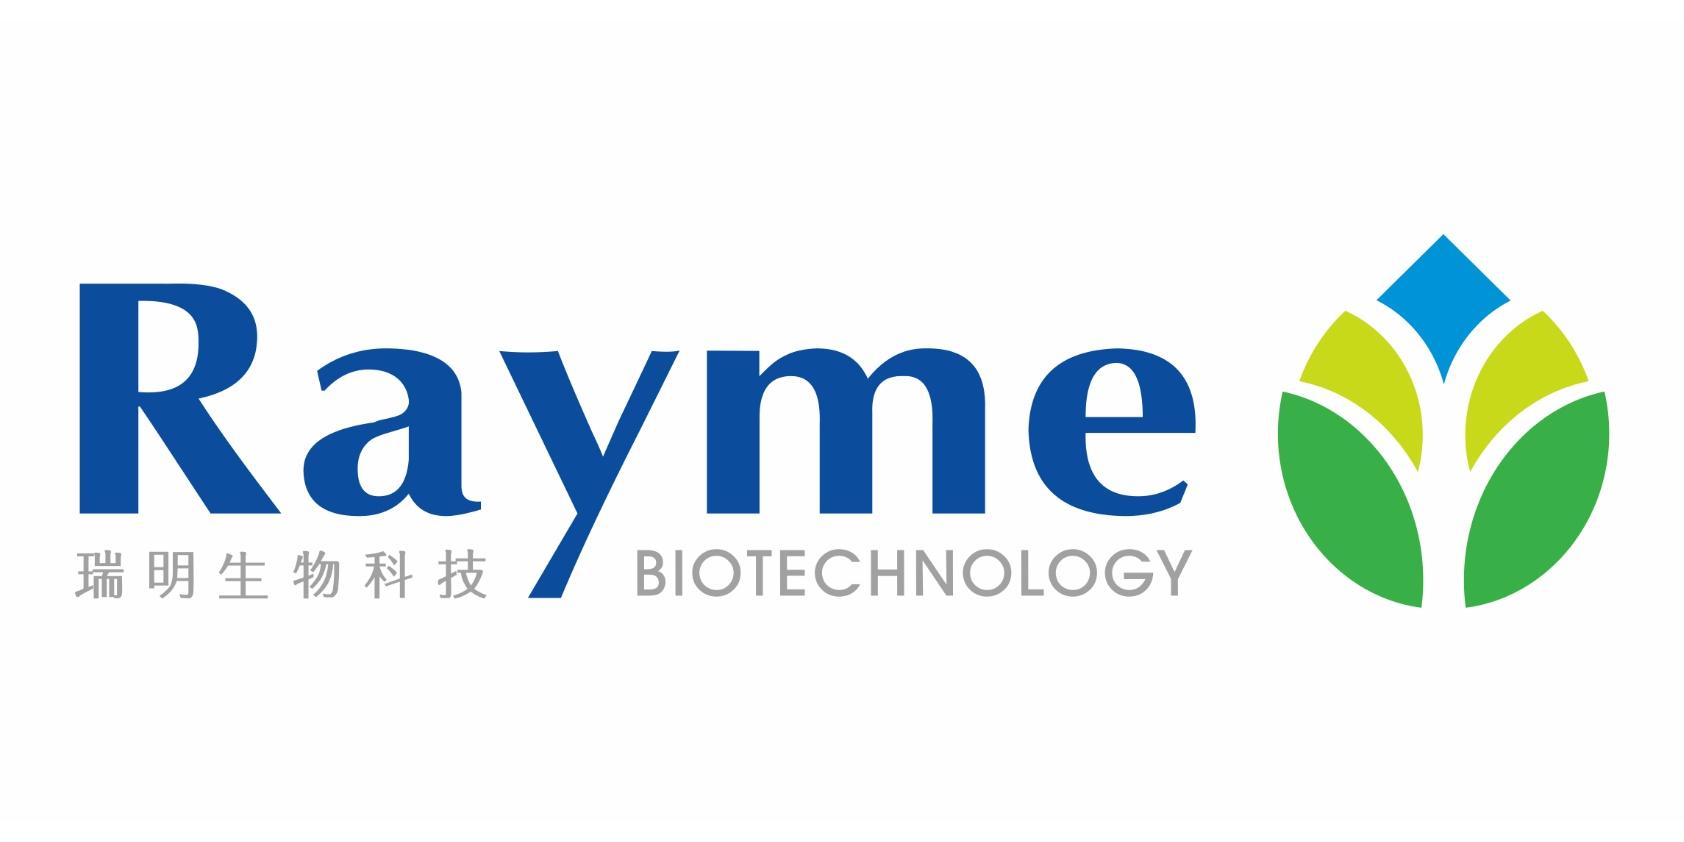 江苏瑞明生物科技有限公司